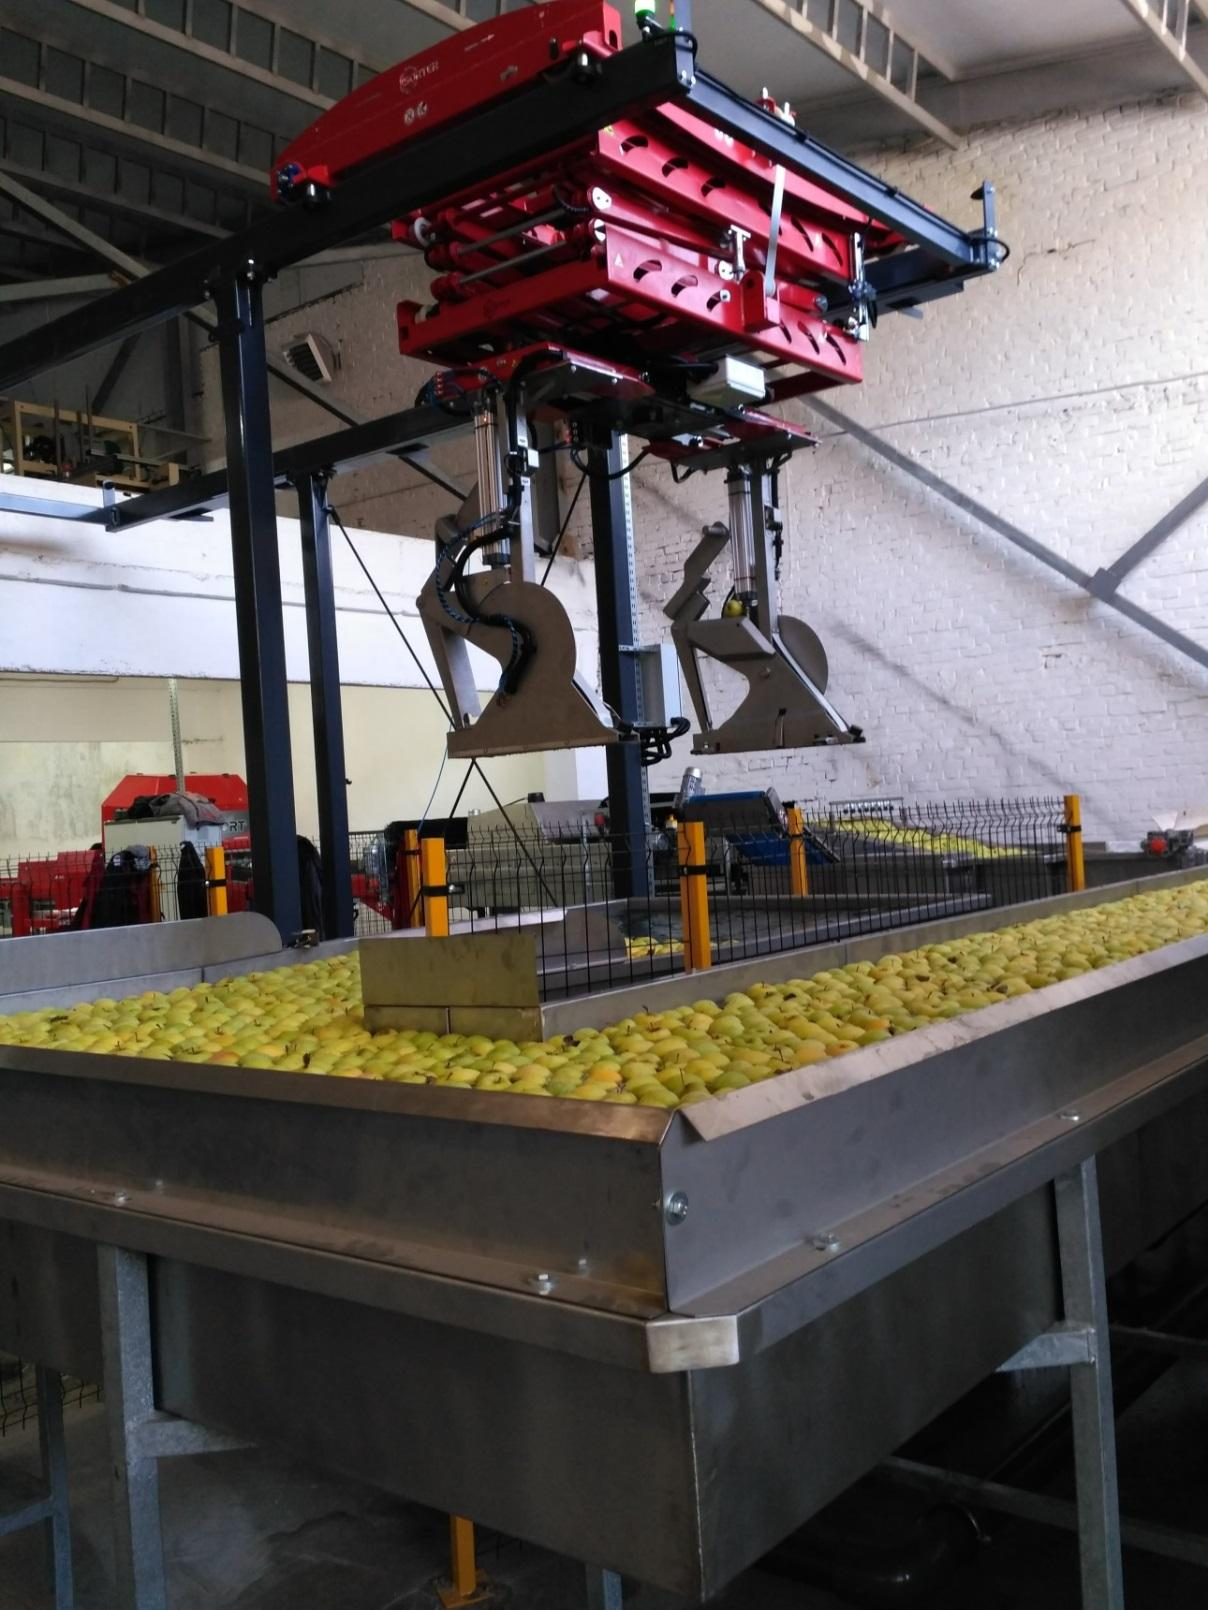 Конвейер с яблоками каргатский элеватор официальный сайт